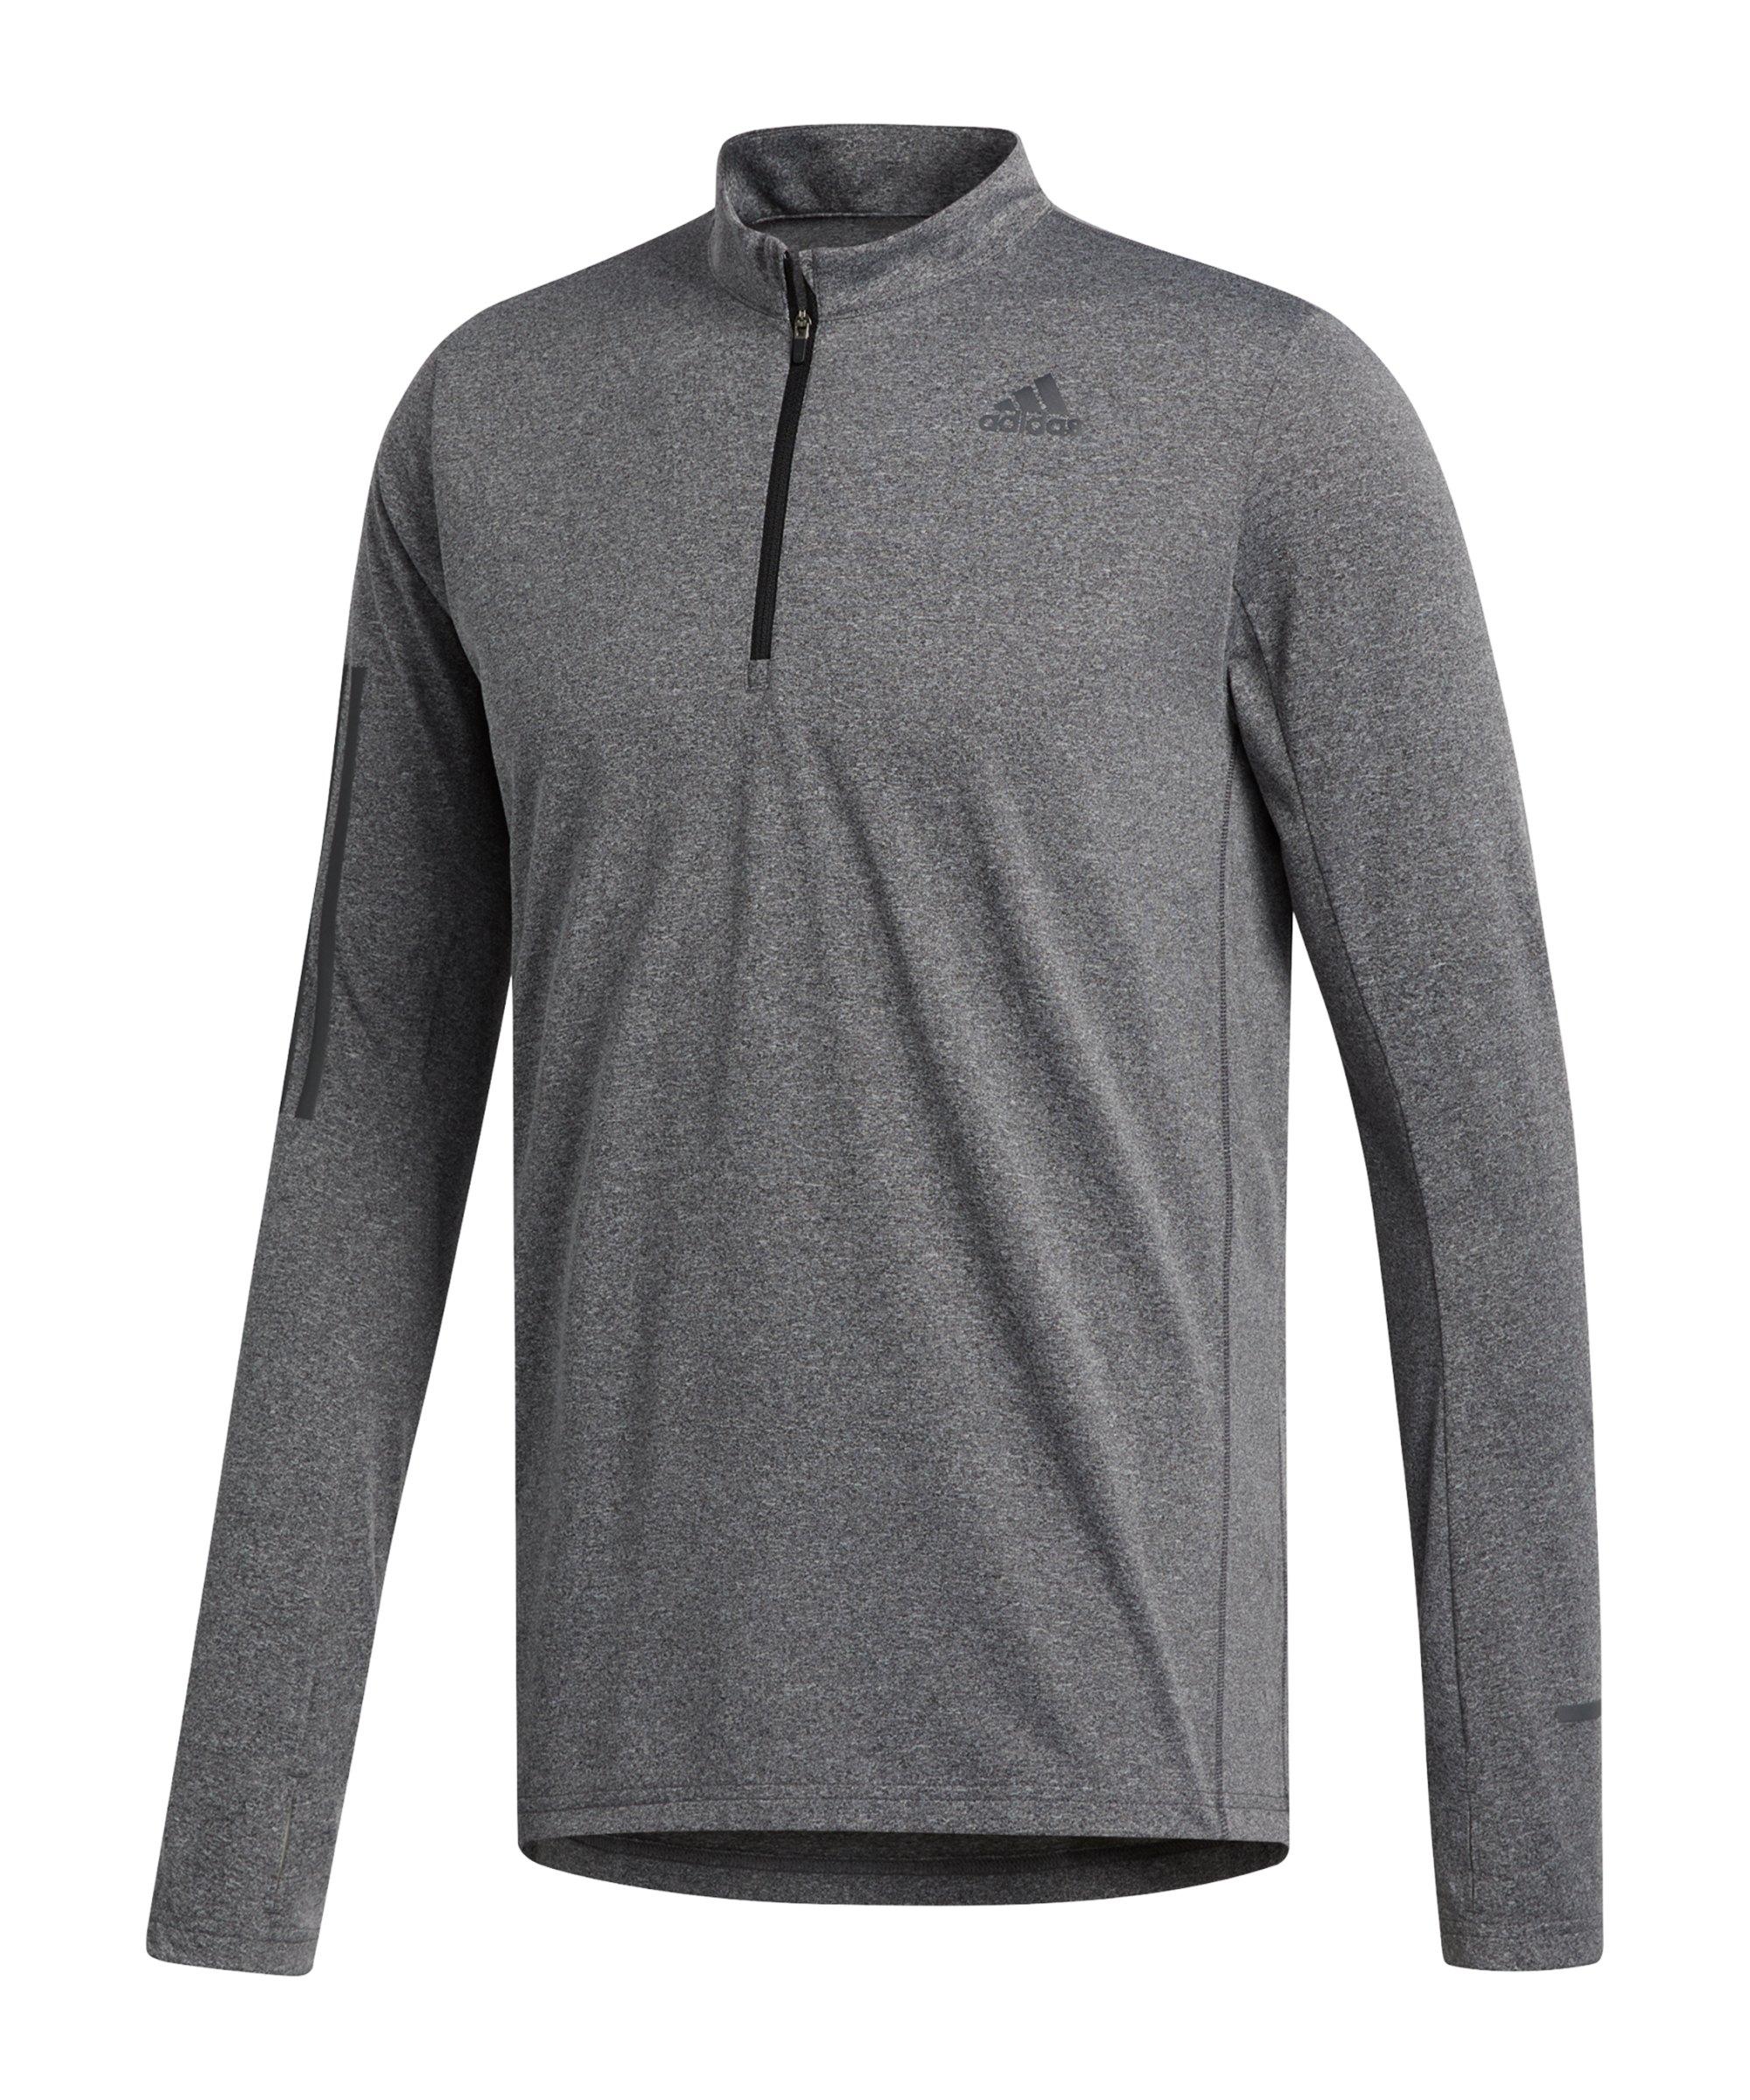 adidas Own the Run 1/2 Zip Shirt Running Grau - grau